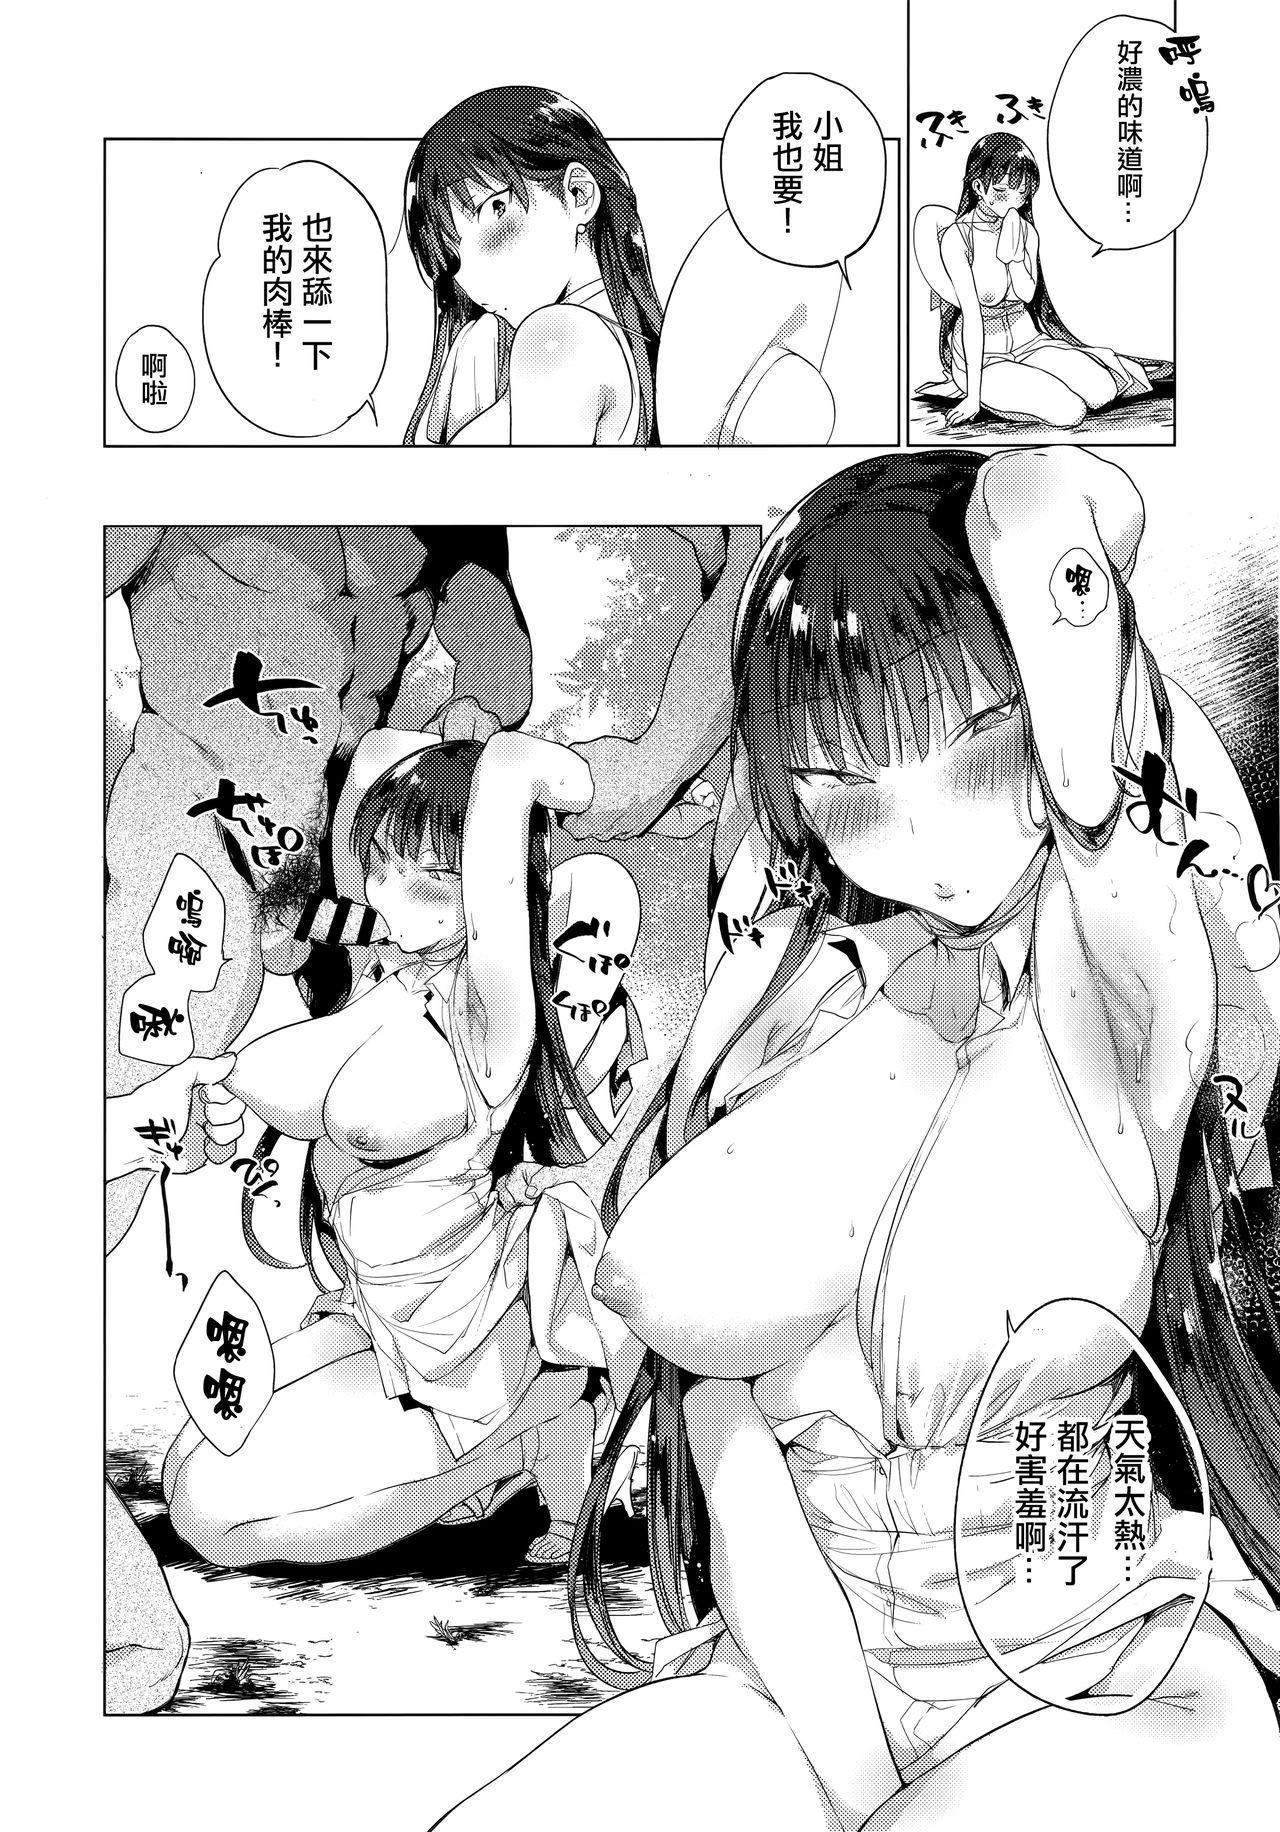 Natsu no Ojousan ga Yukizuri Omanko shitekureru 10